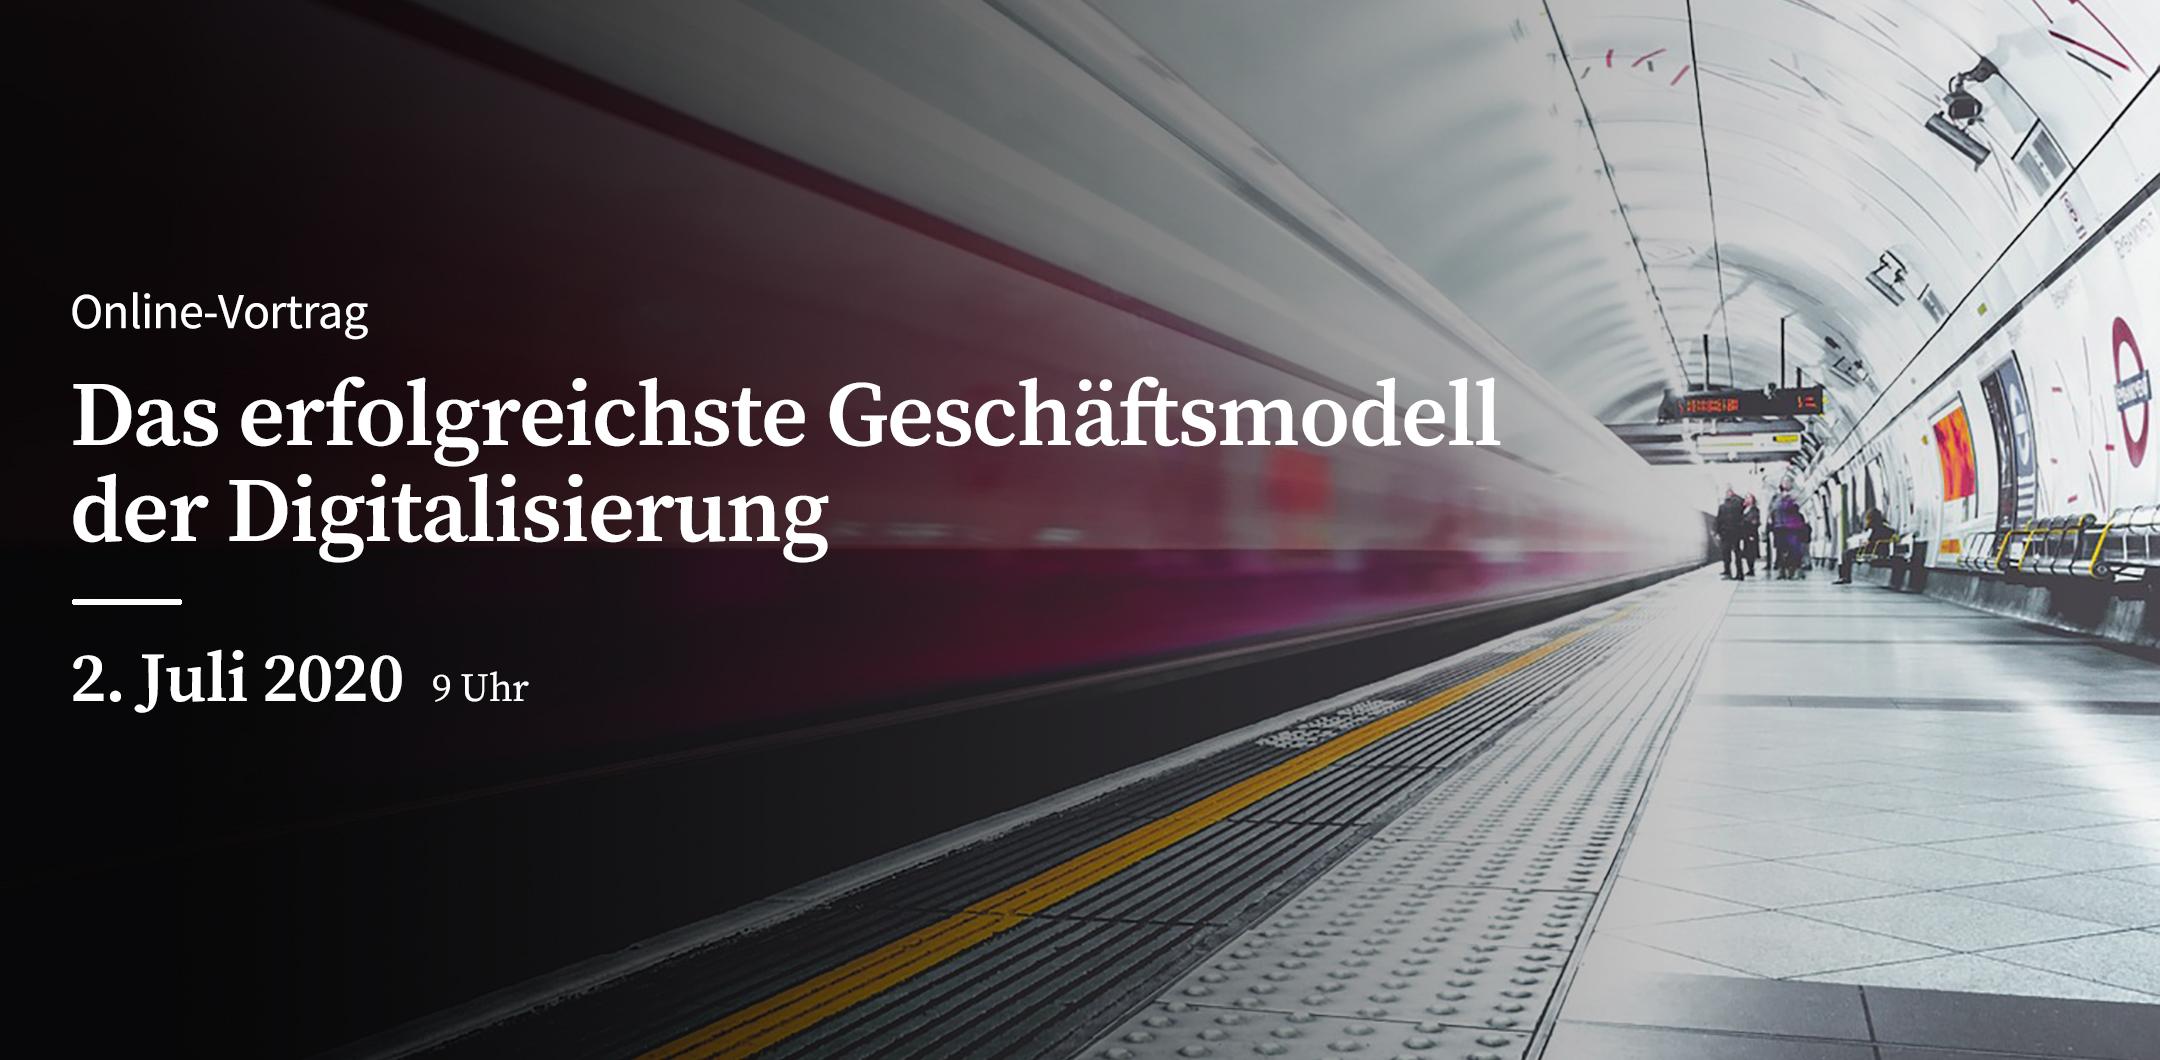 Das erfolgreichste Geschäftsmodell der Digitalisierung - online Vortrag am 02. Juli 2020